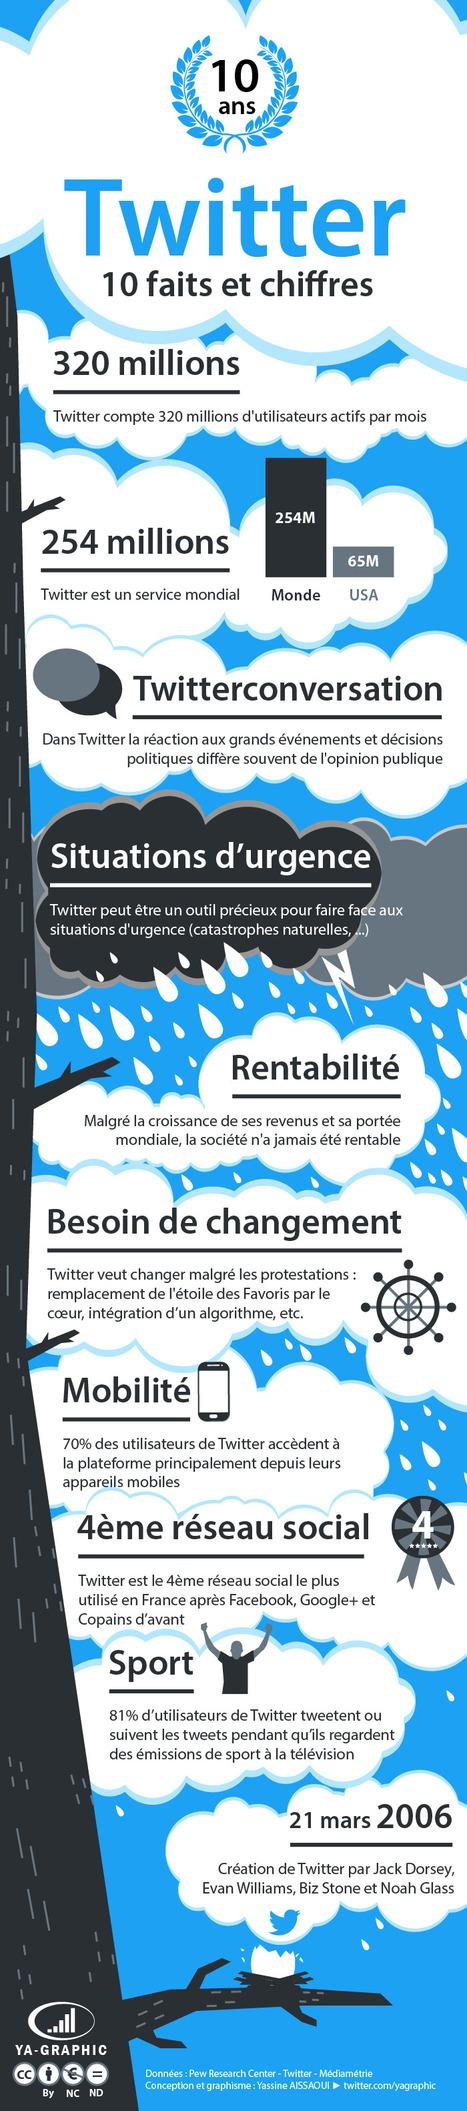 Twitter a 10 ans : Faits et chiffres du réseau social (infographie) | ADN des Réseaux Sociaux | Scoop.it